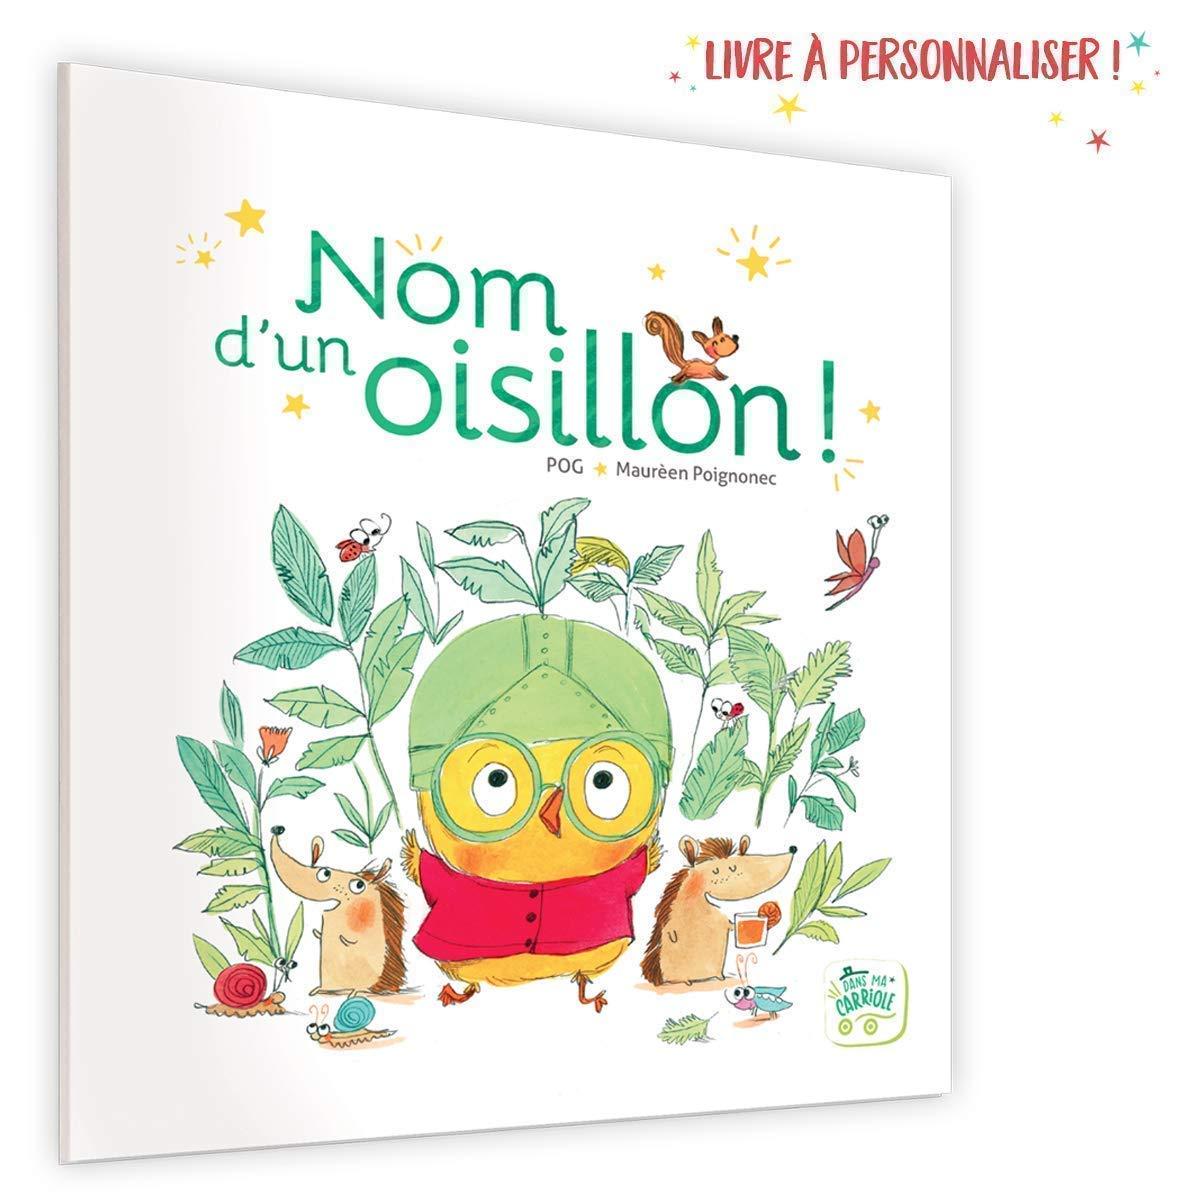 Dans ma carriole - Livre enfant - Personnalisé - Nom d'un oisillon - livre à personnaliser au prénom, allure et qualités de l'enfant - naissance - 3 ans - 4 ans - 5 ans - 6 ans - 7 ans - Idée cadeau